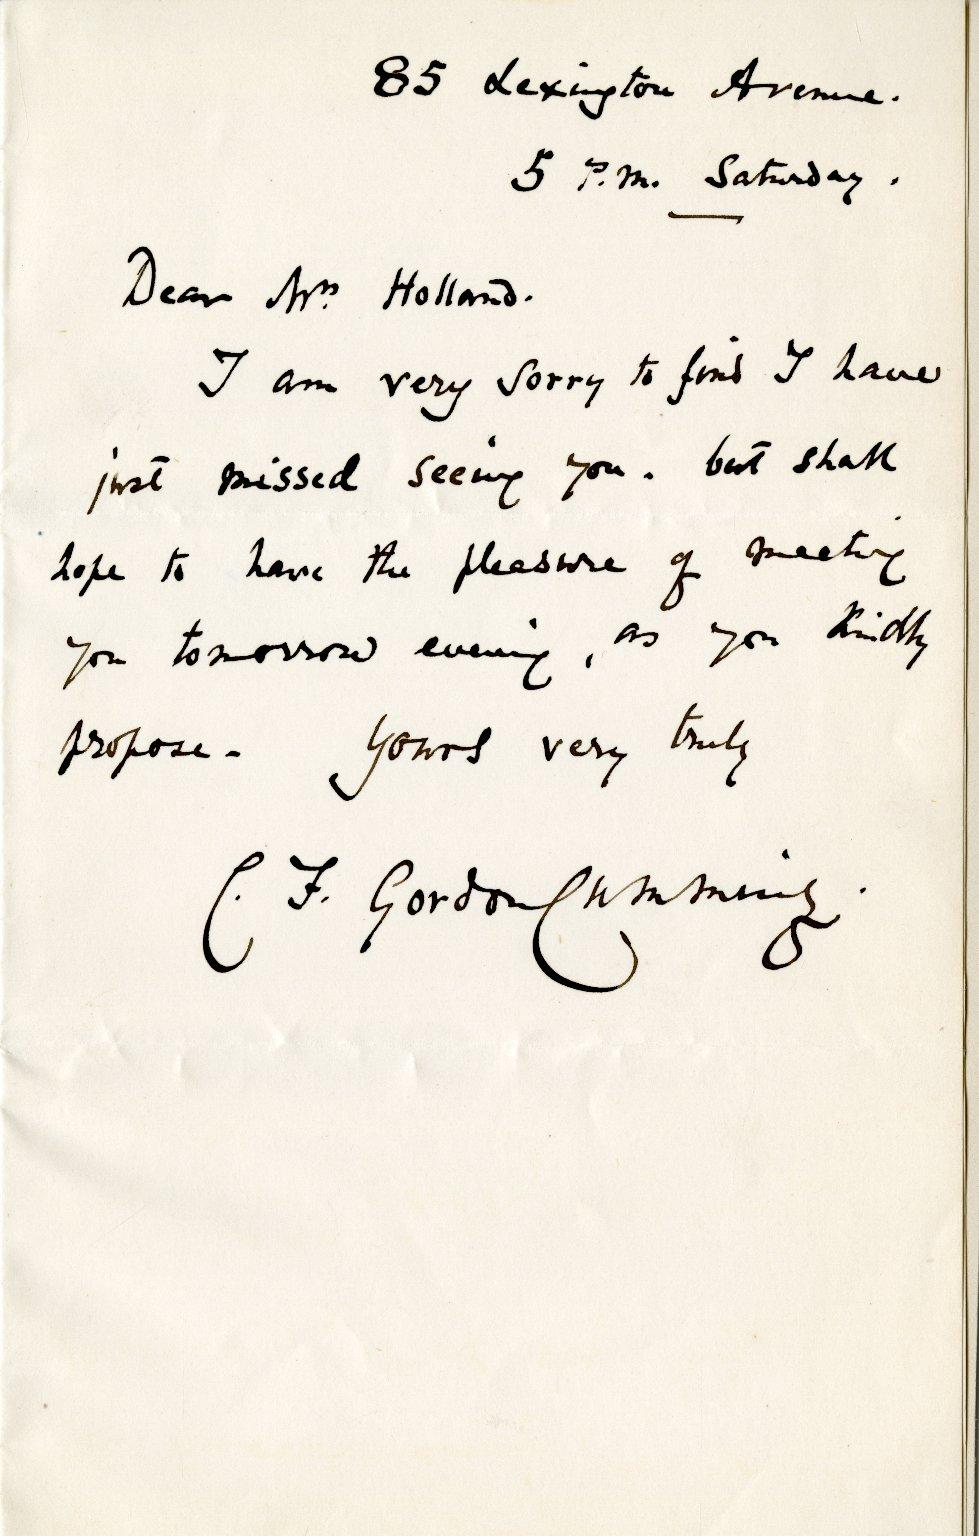 Gordon-Cumming, C. ALS, 1 page, no date.